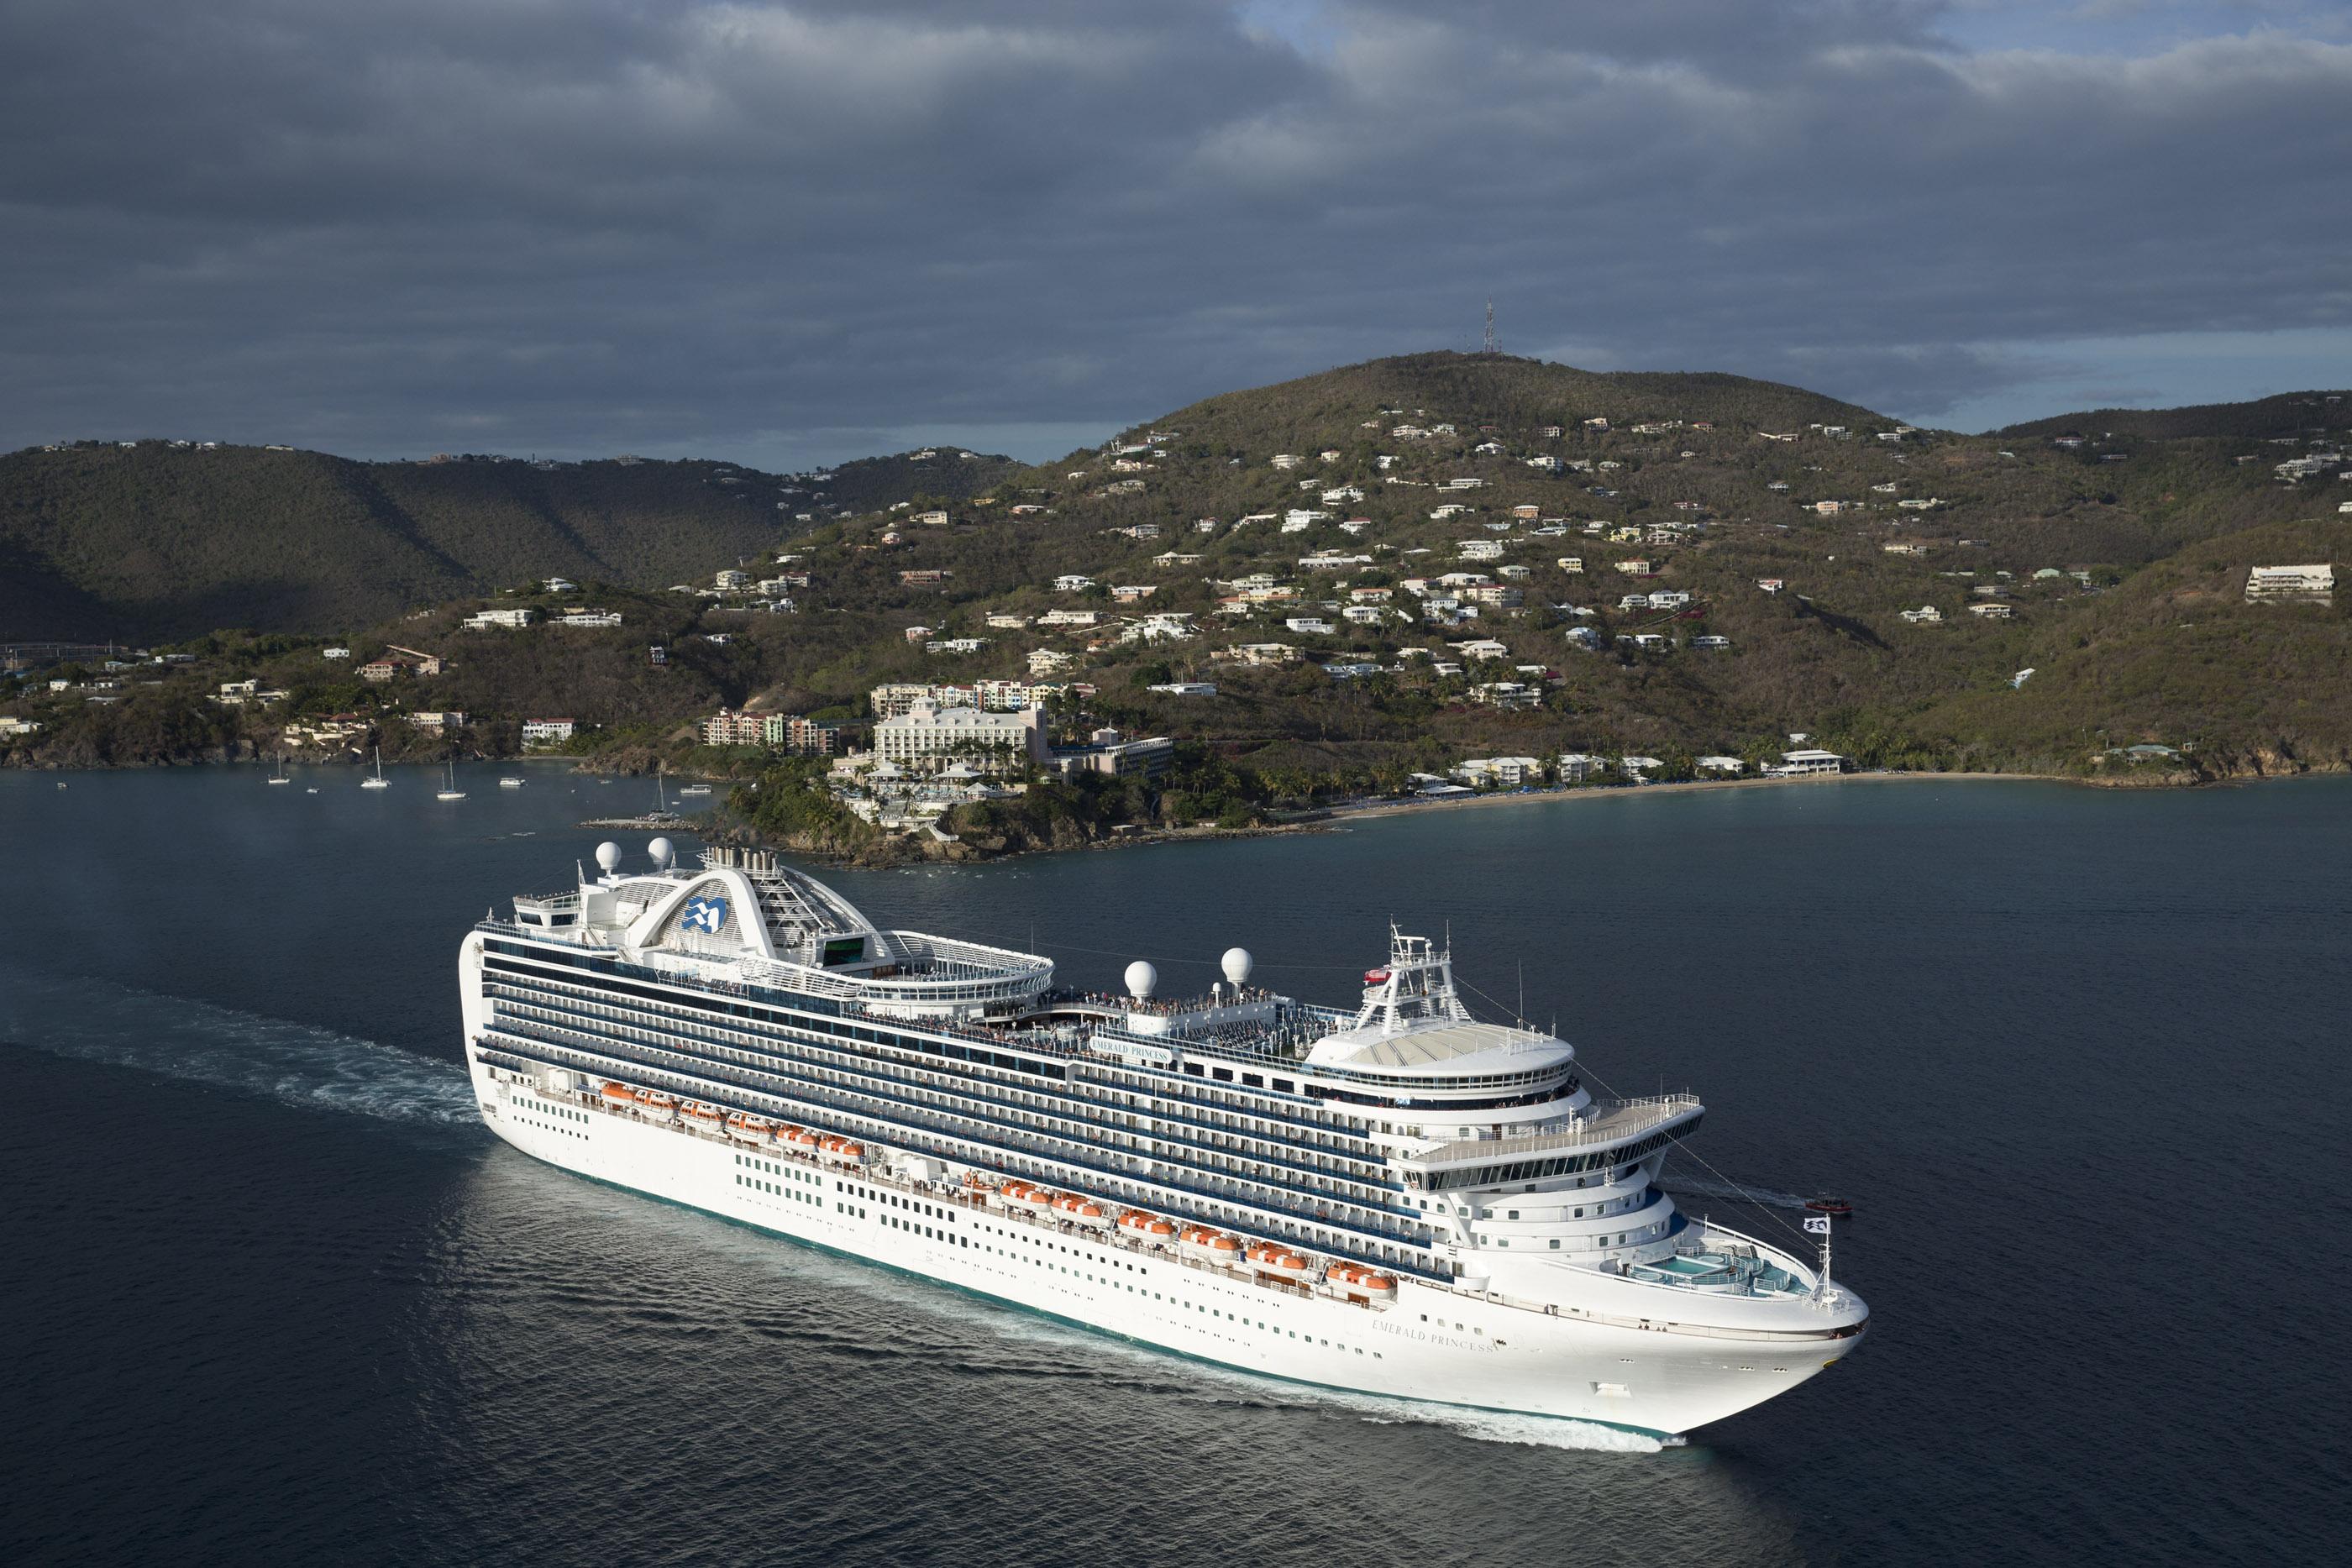 The One Where Princess Announced Their 2014 15 Sailings